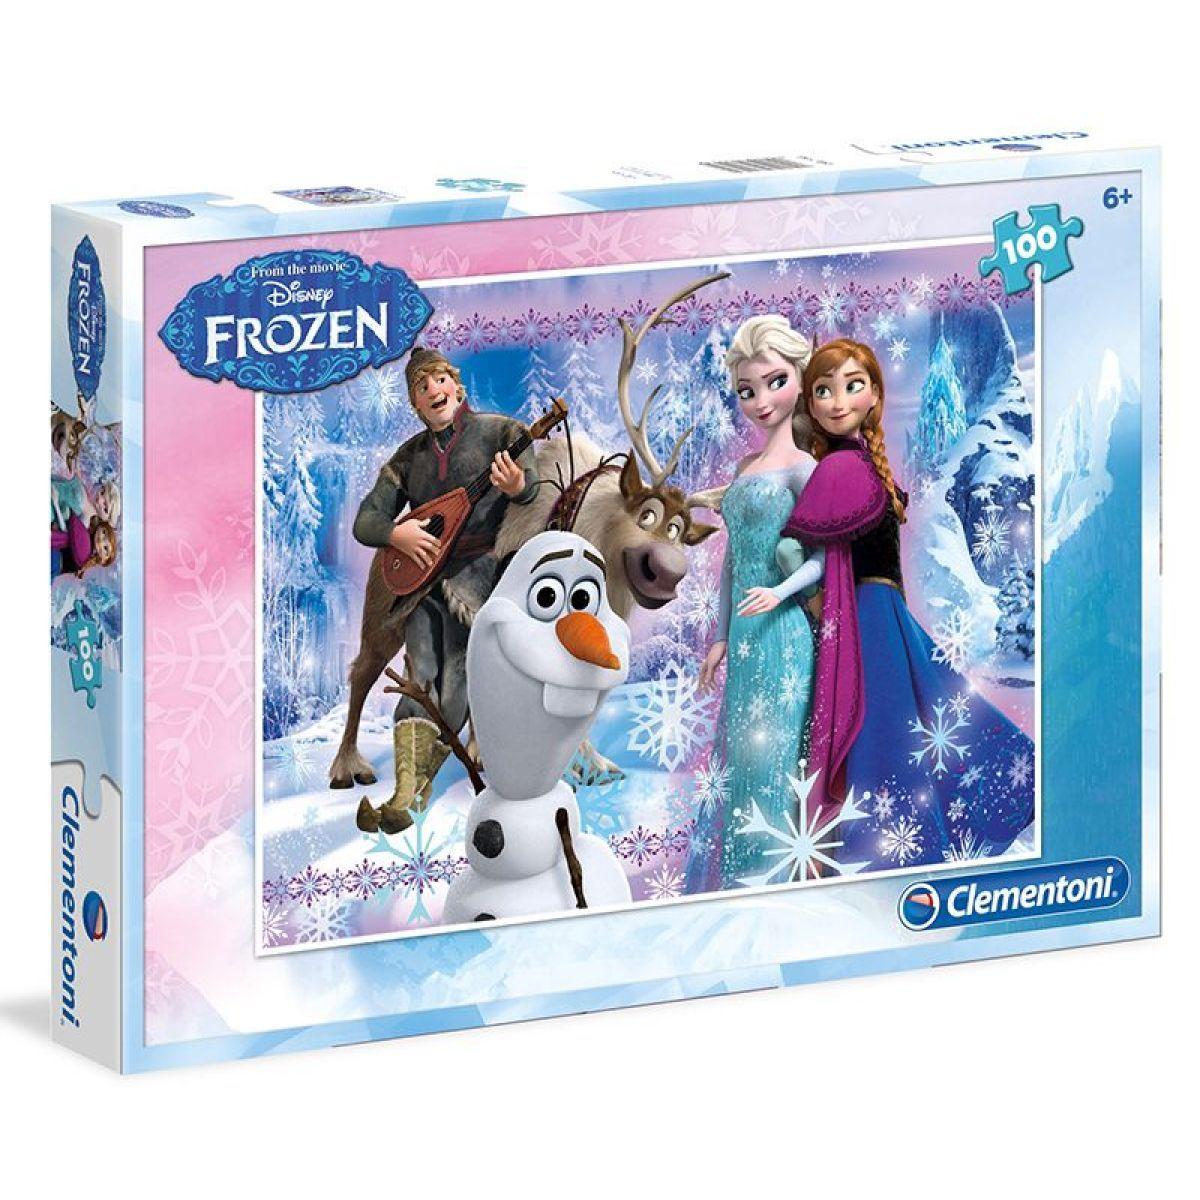 Clementoni Ledové království Puzzle Anna, Elsa, Olaf, Kristoff 100 dílků